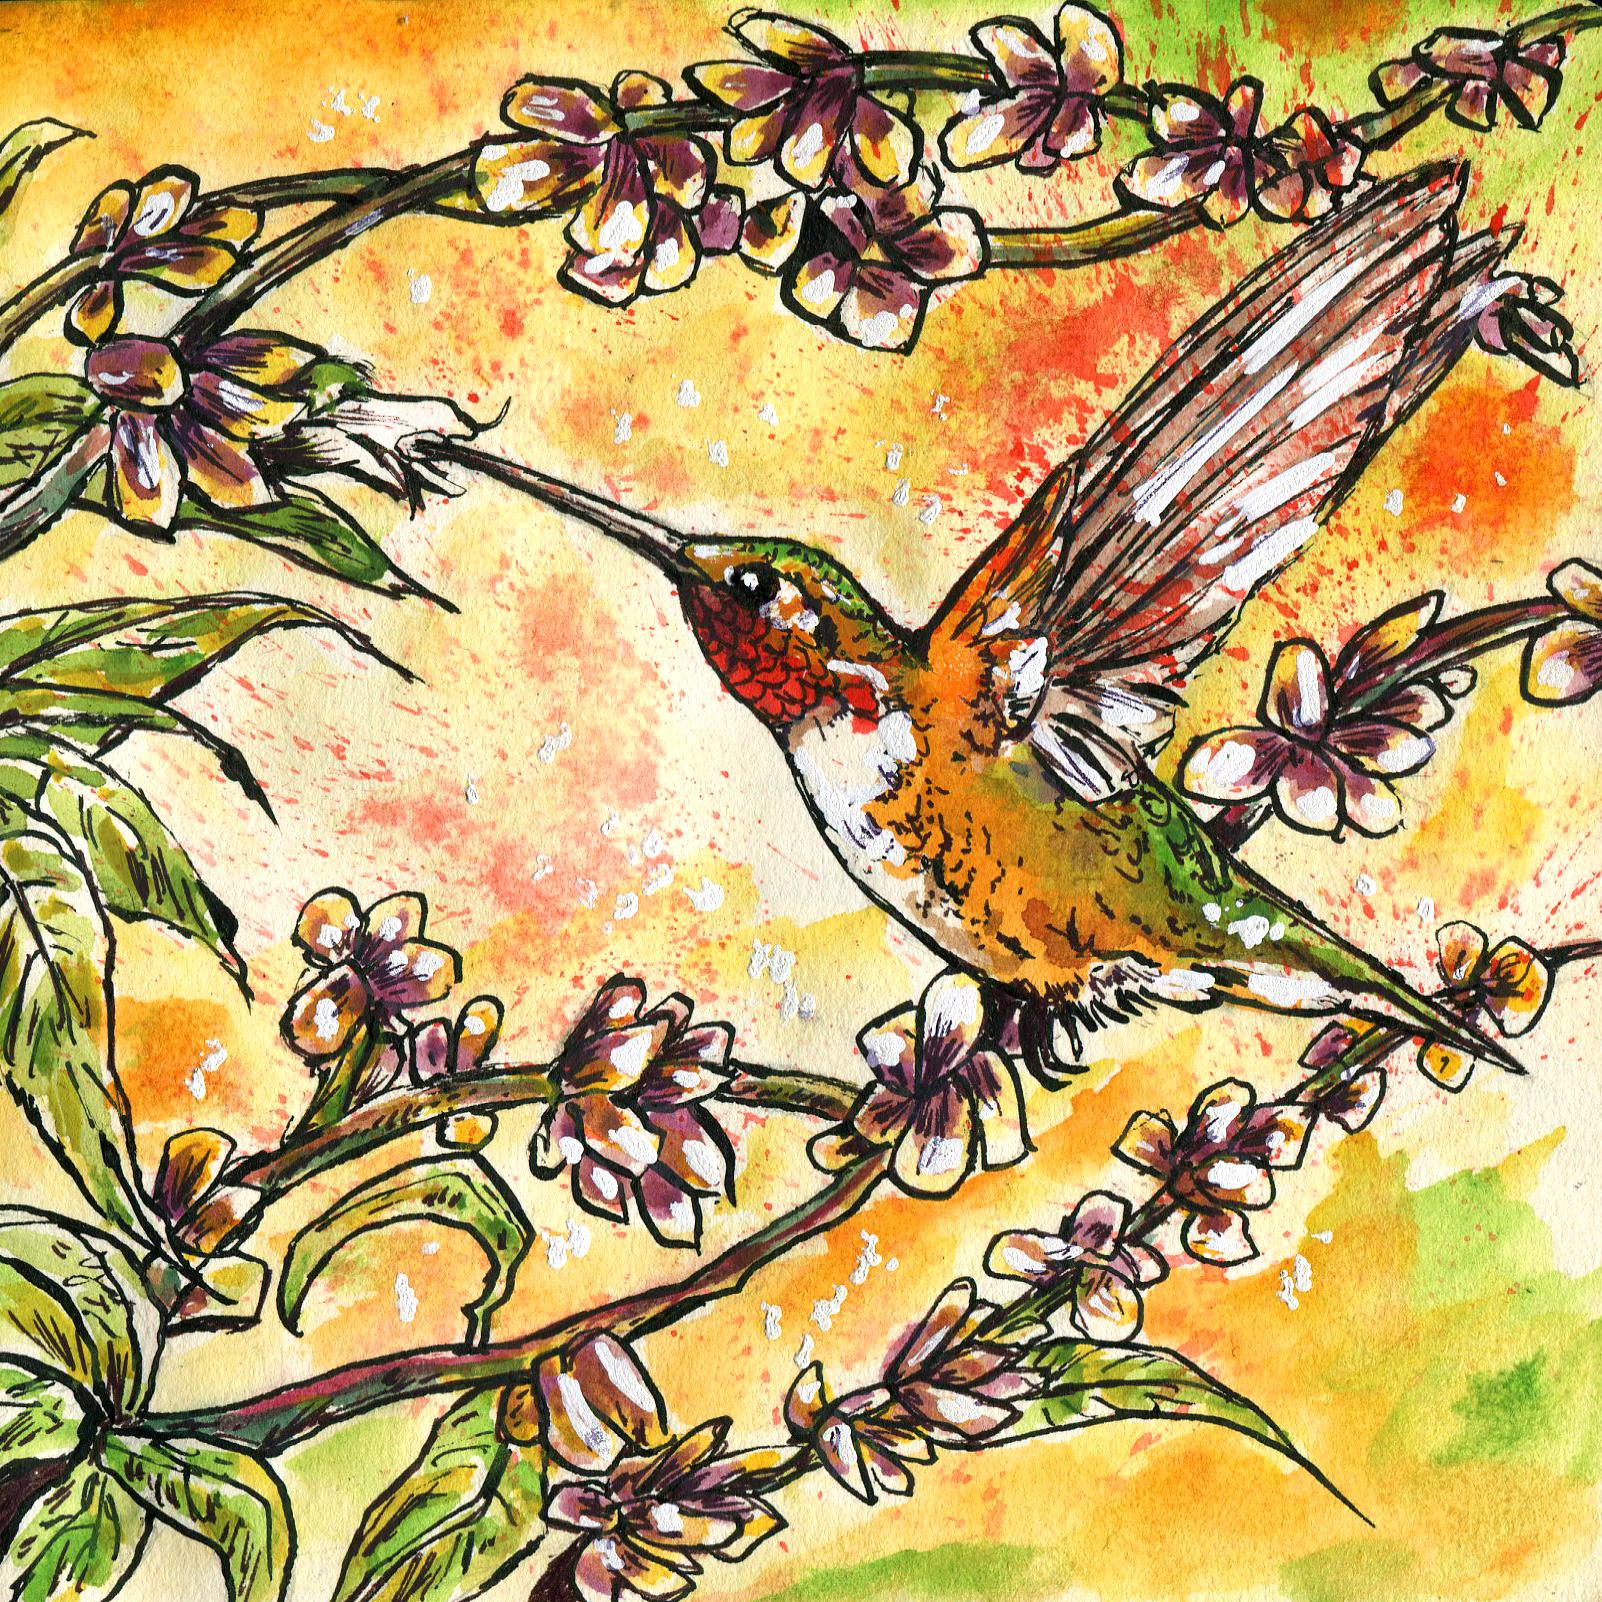 352. Allen's Hummingbird